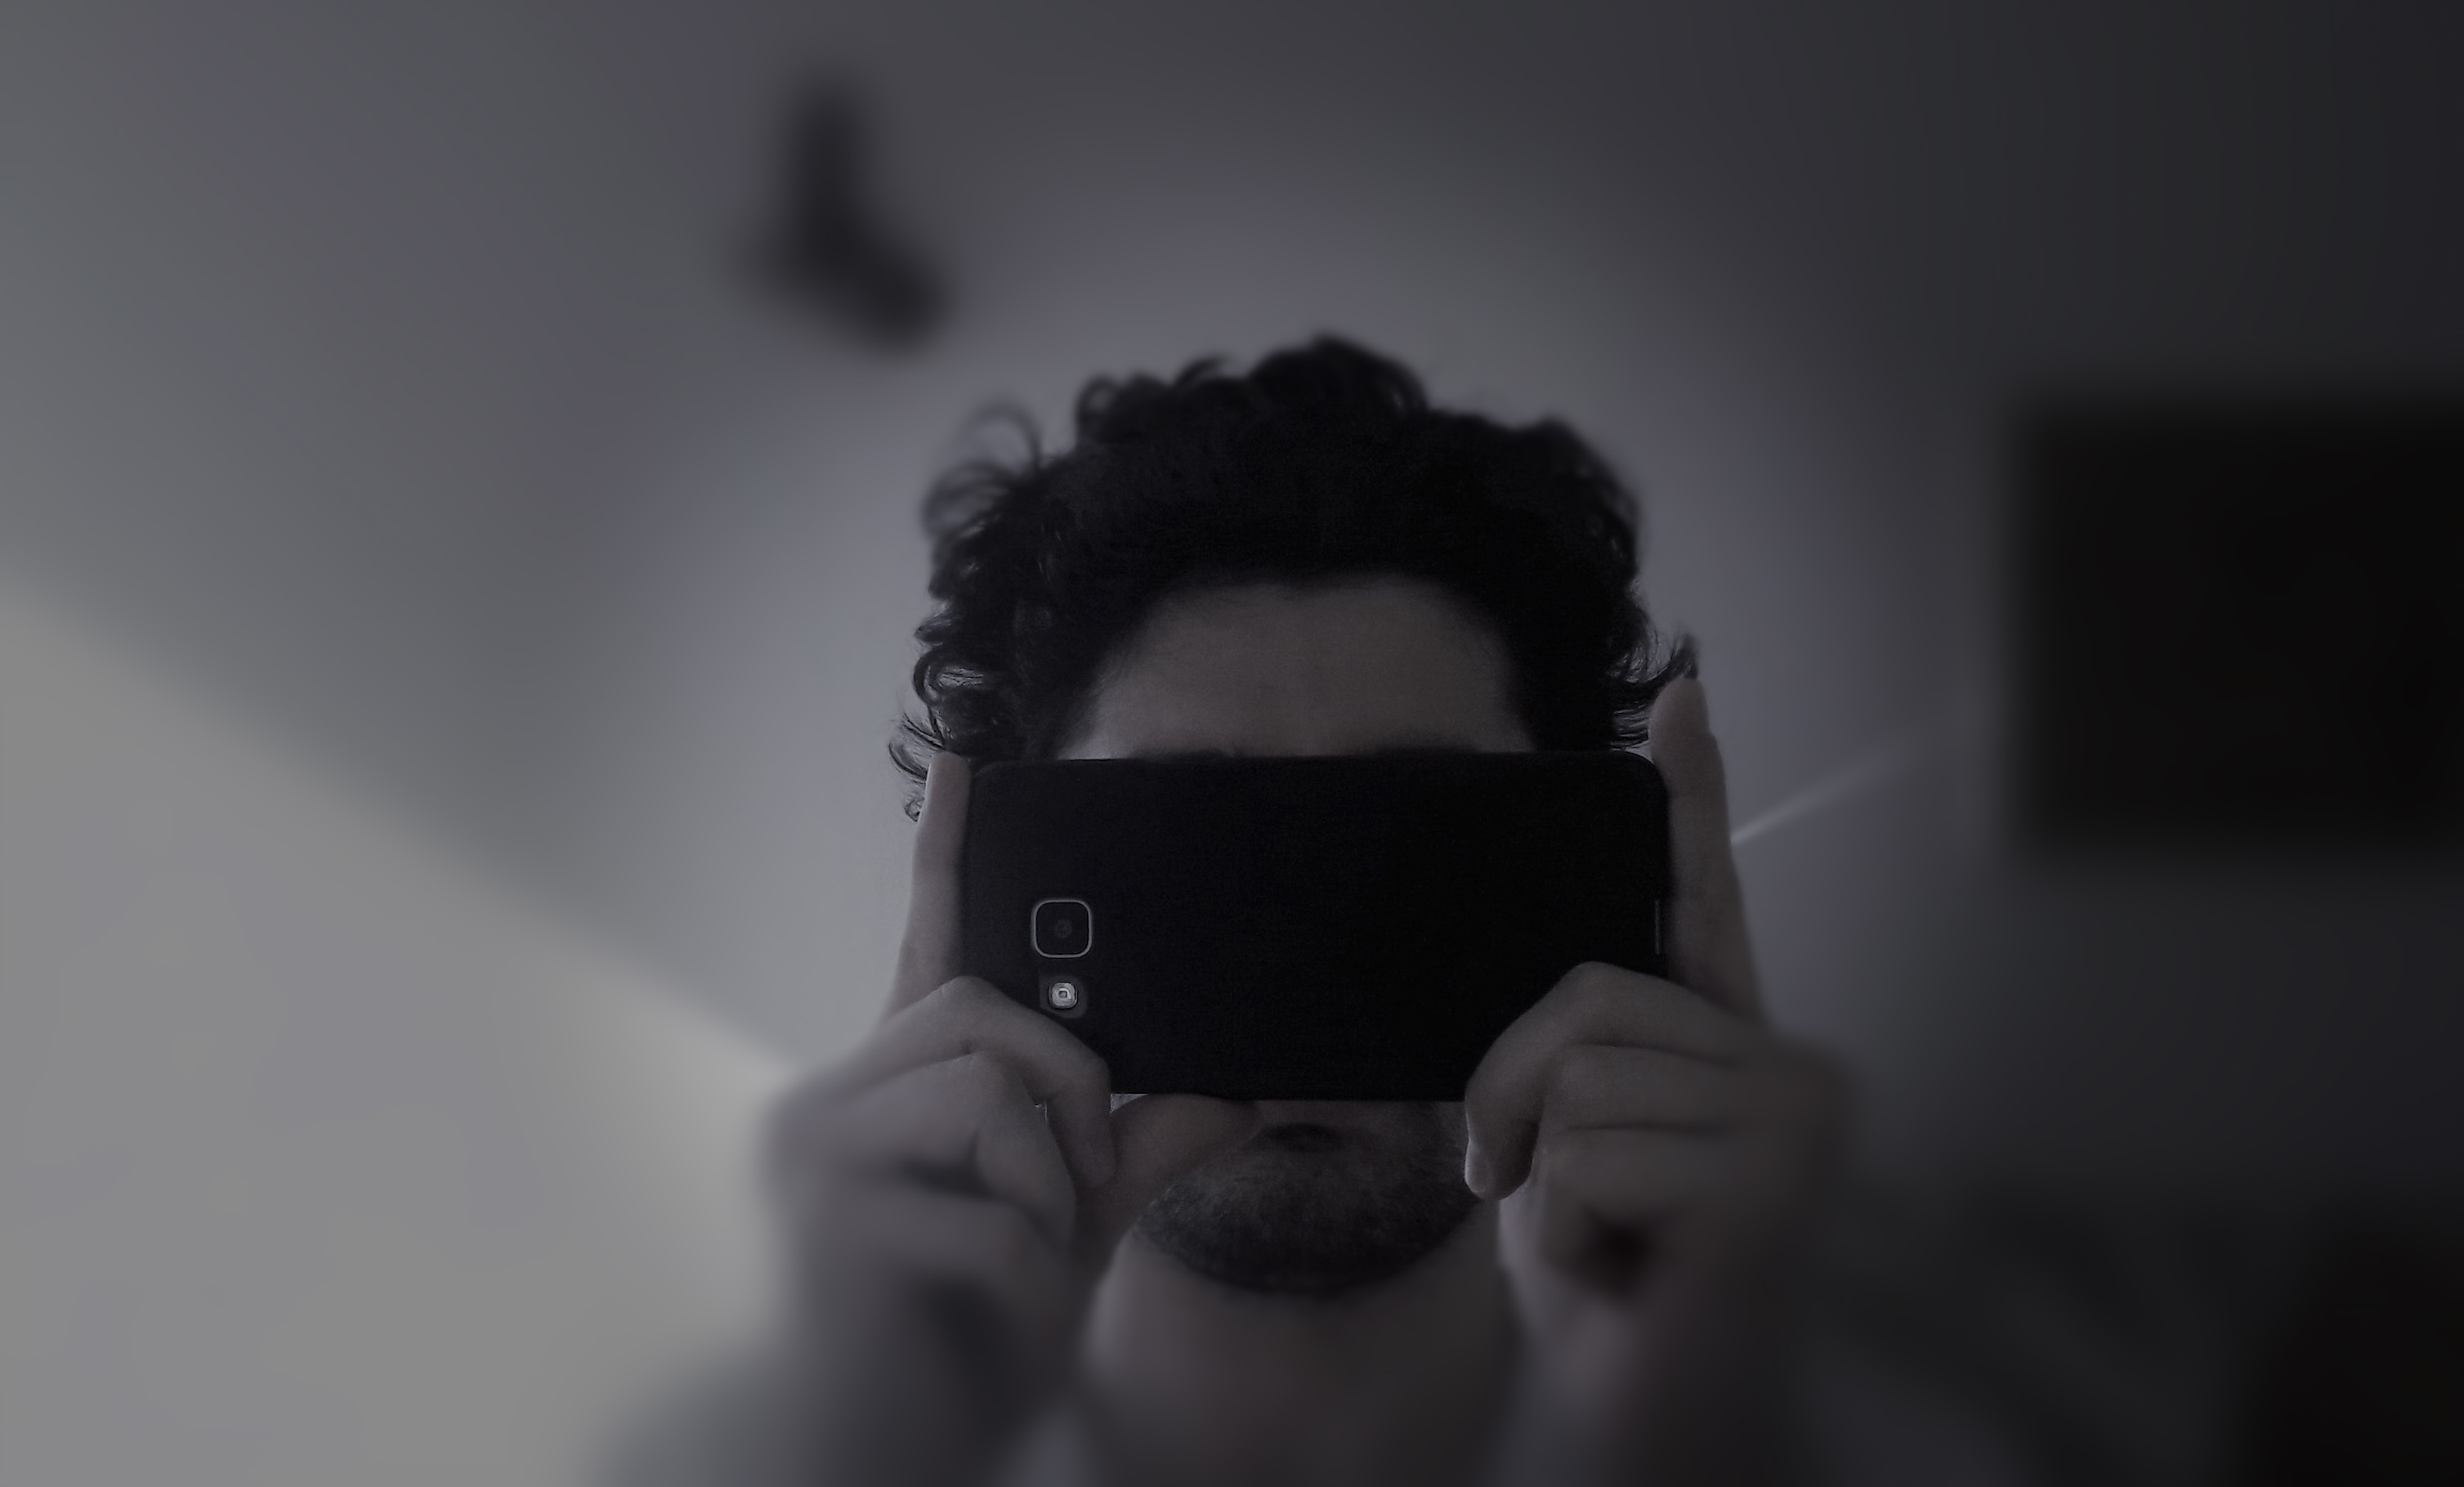 مویهایم، بلندپروازی را به من یادآور میشوند